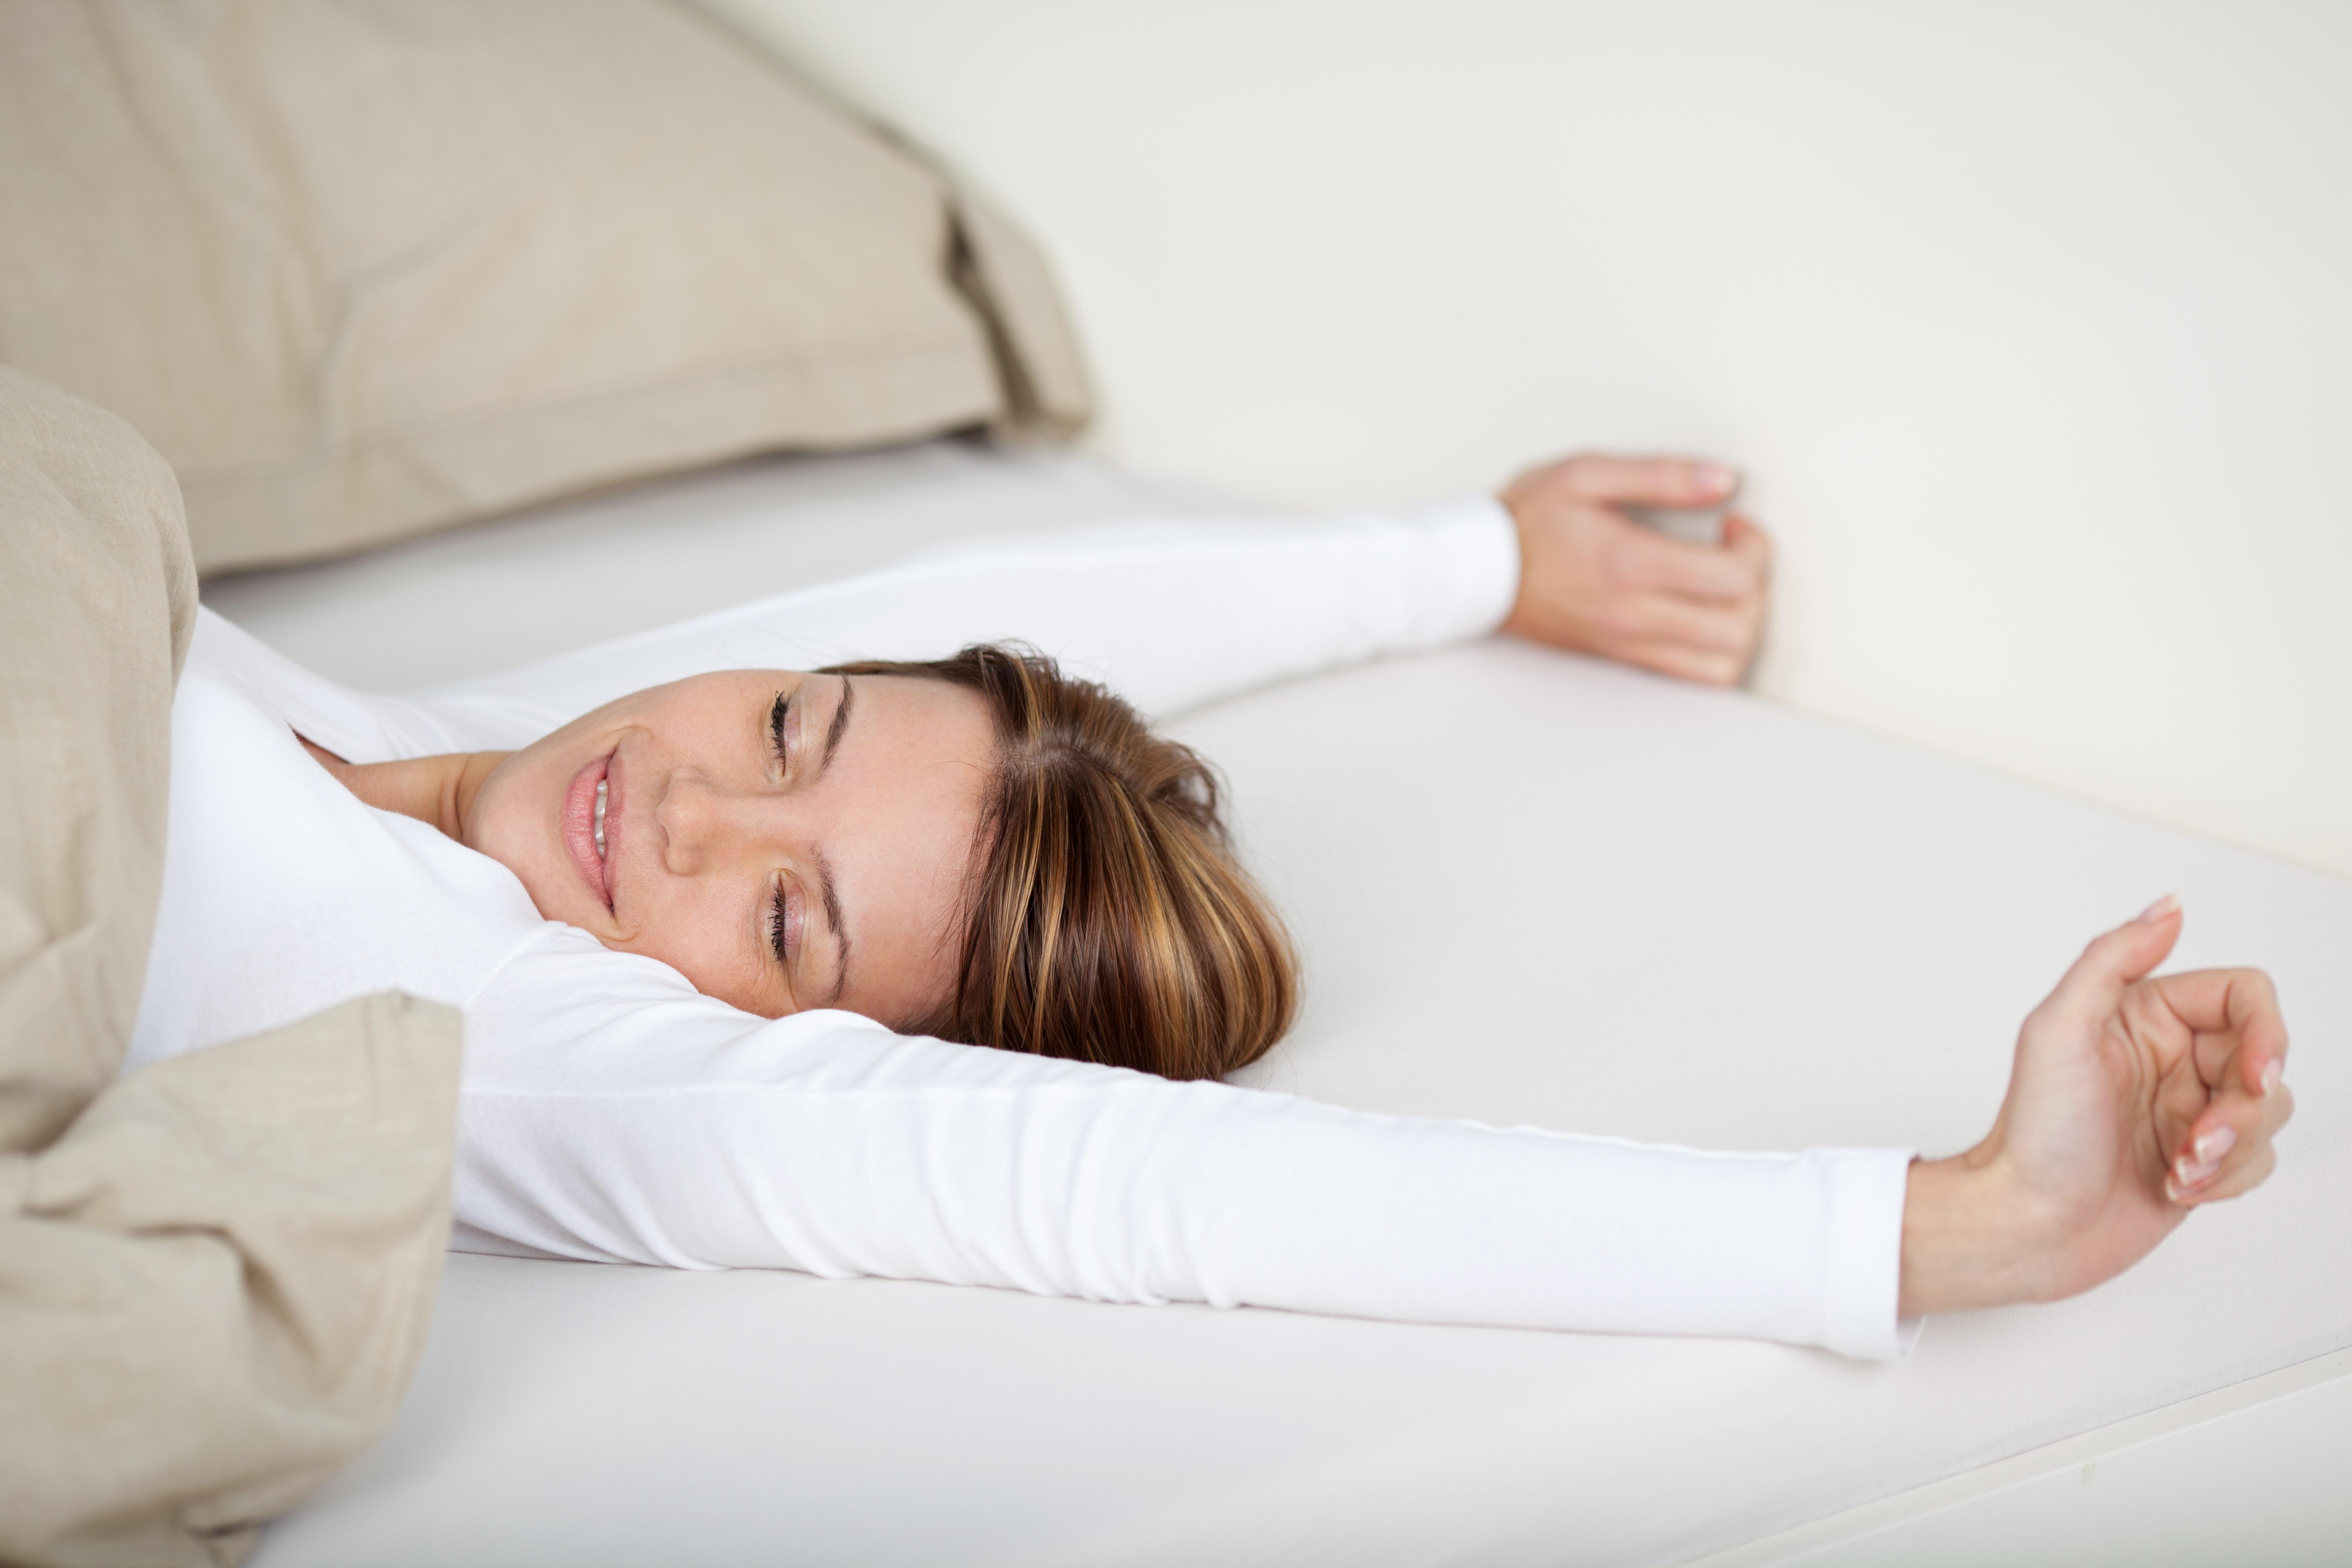 Lächelnde Frau streckt sich auf 7-Zonen-Taschenfederkern-Matratze